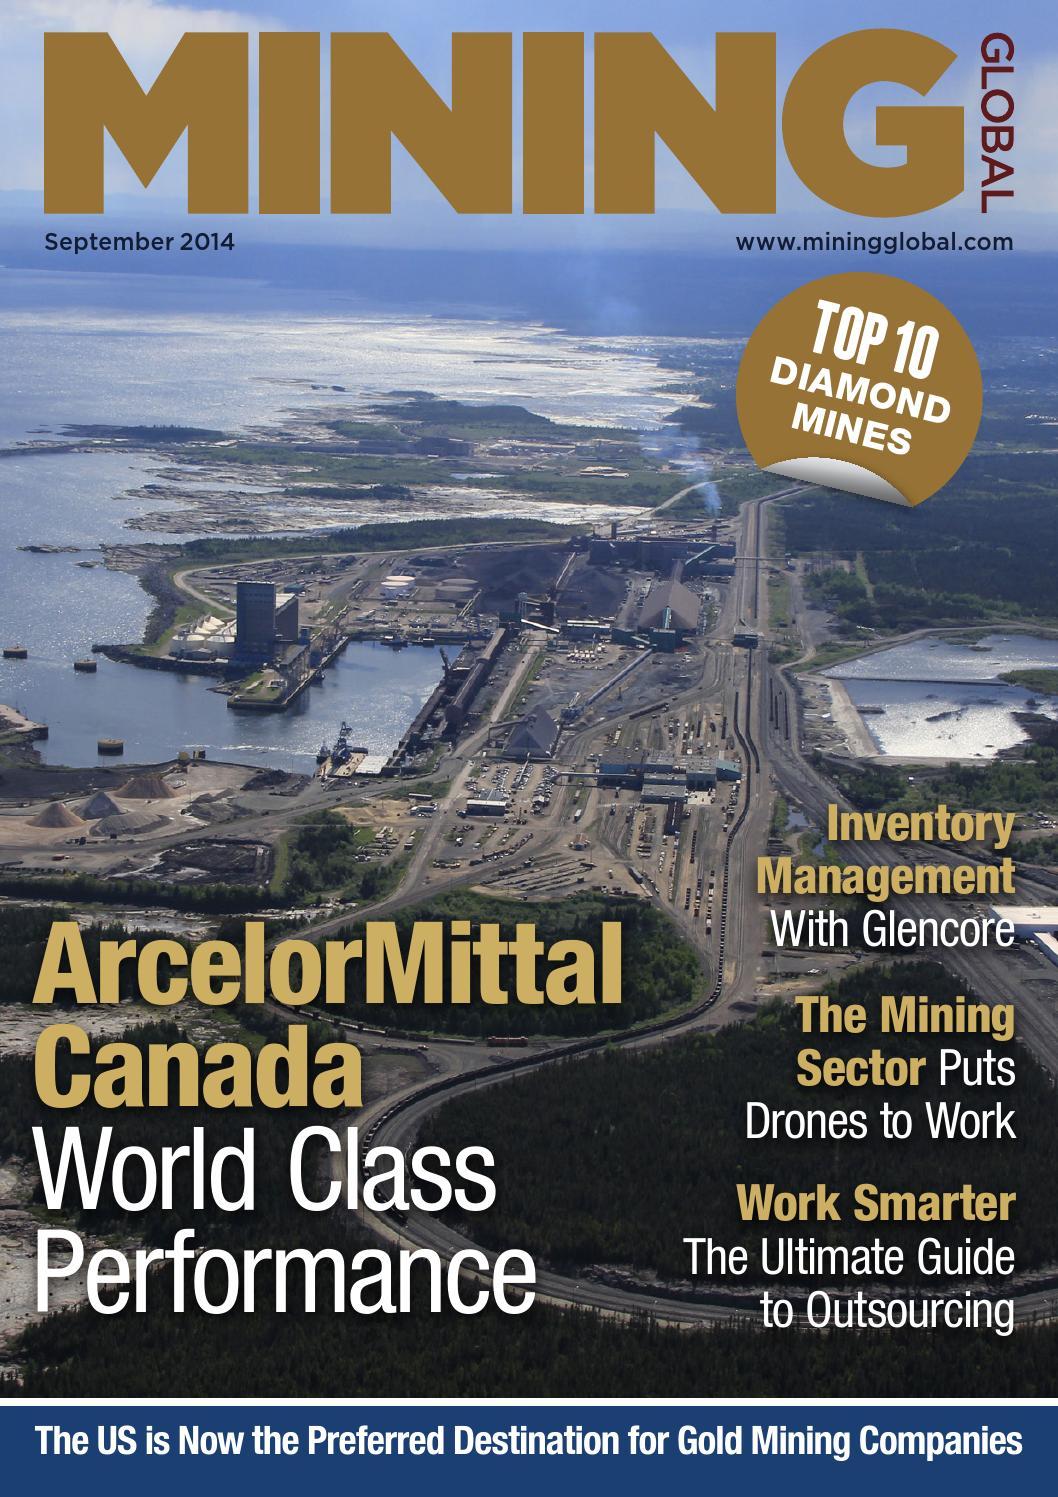 Mining Global September 2014